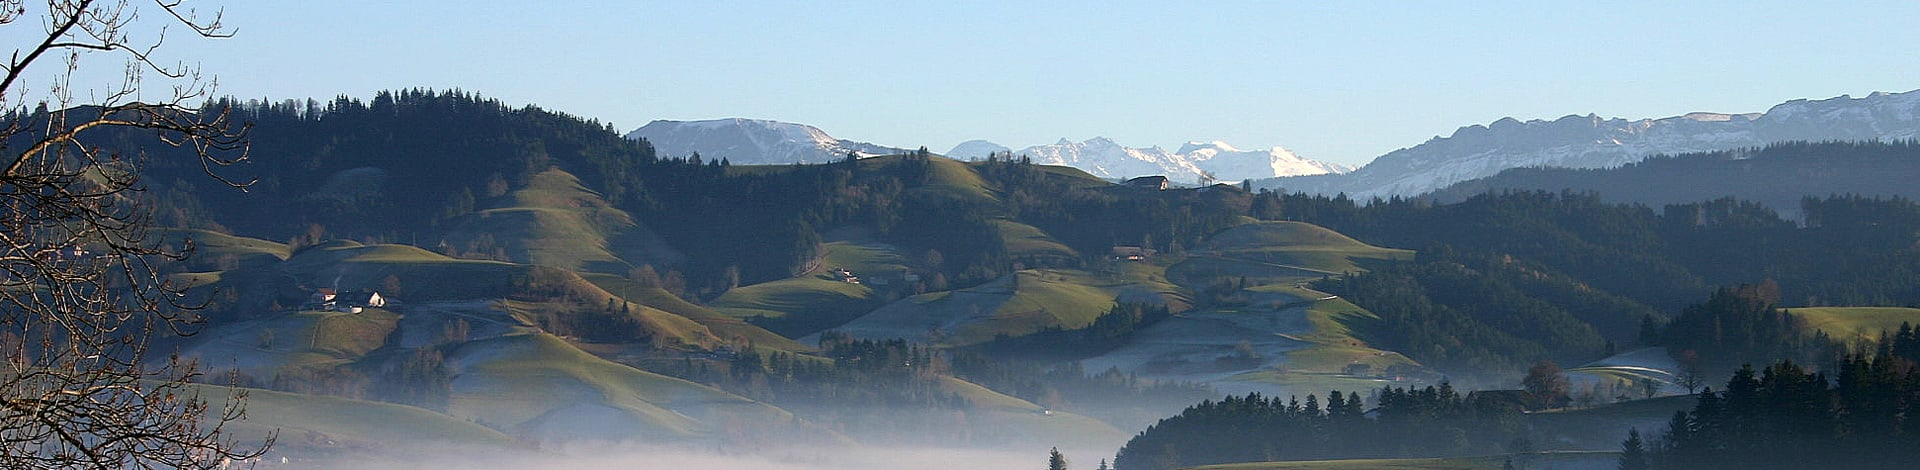 la région de Willisau-Entlebuch